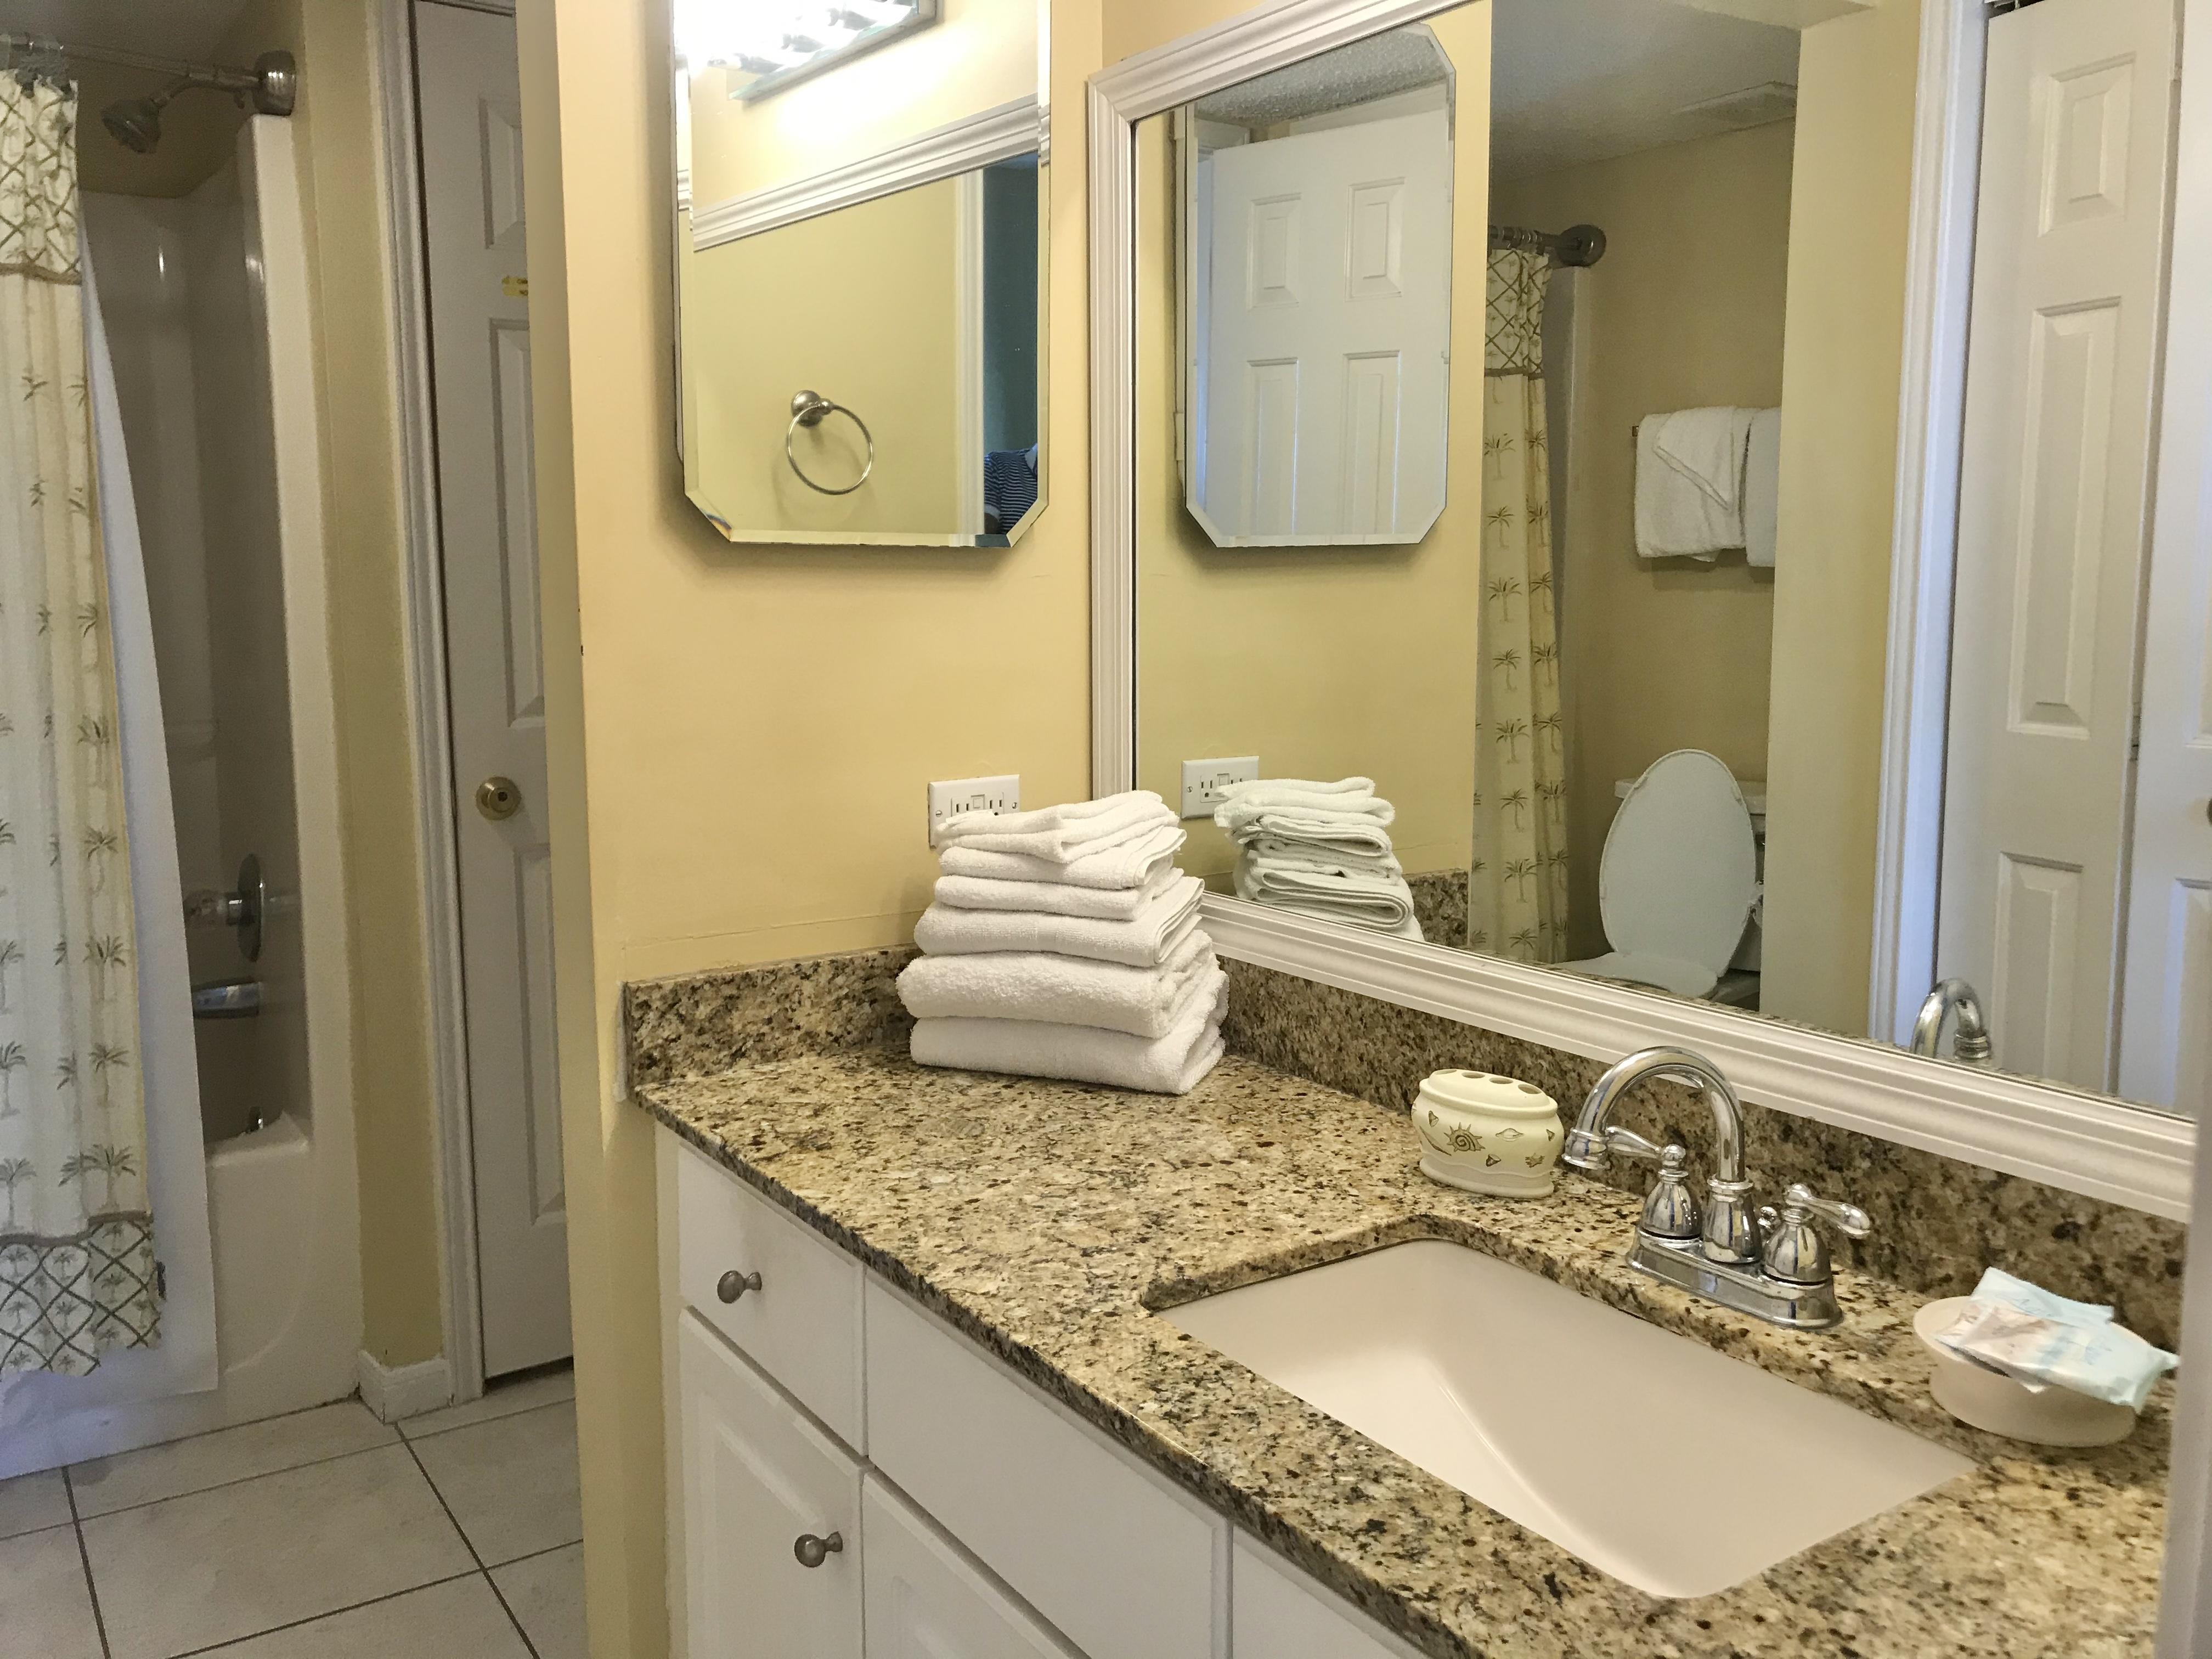 Ocean House 1706 Condo rental in Ocean House - Gulf Shores in Gulf Shores Alabama - #32